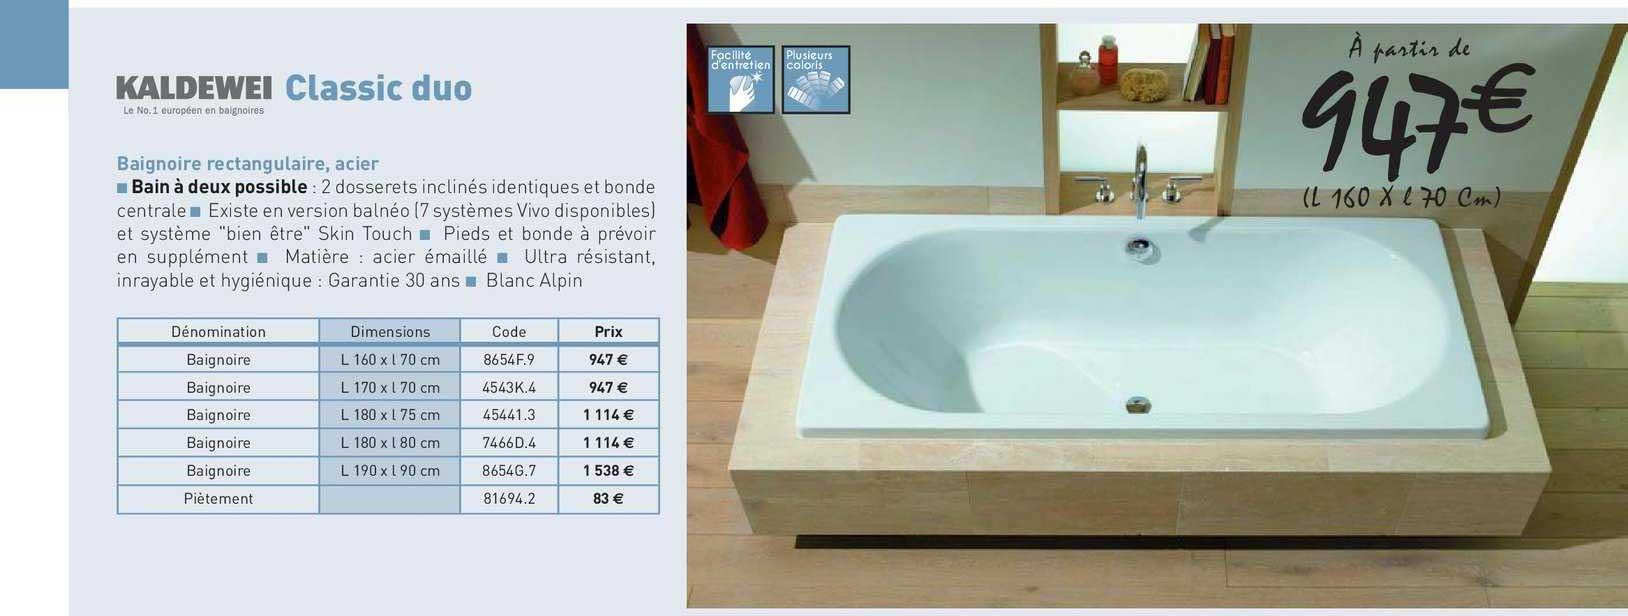 offre baignoire rectangulaire acier